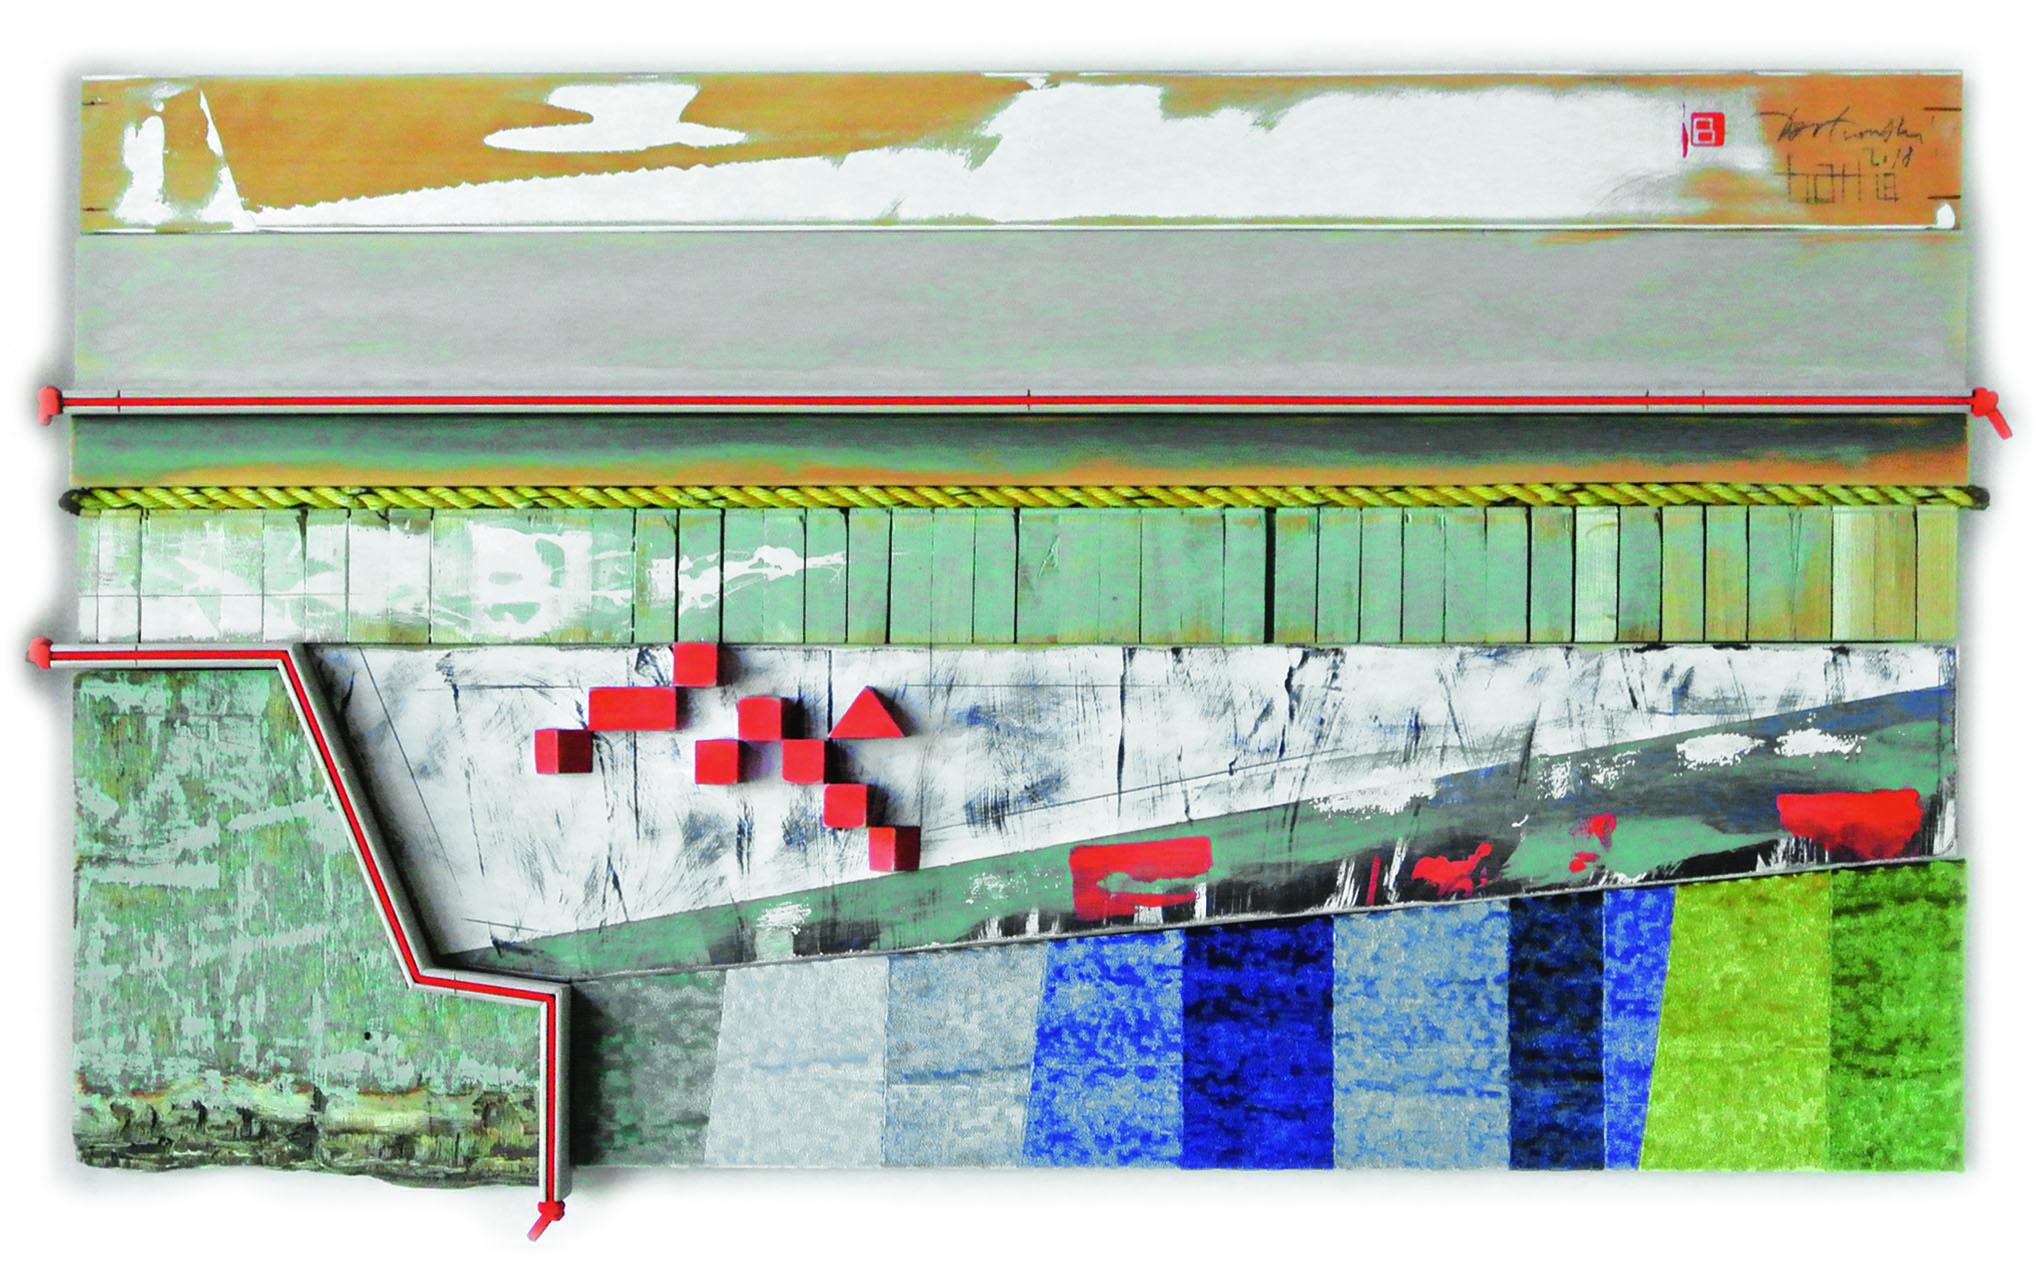 Zielony port, 2018 r., asamblaż, 74 x 120 x 6 cm